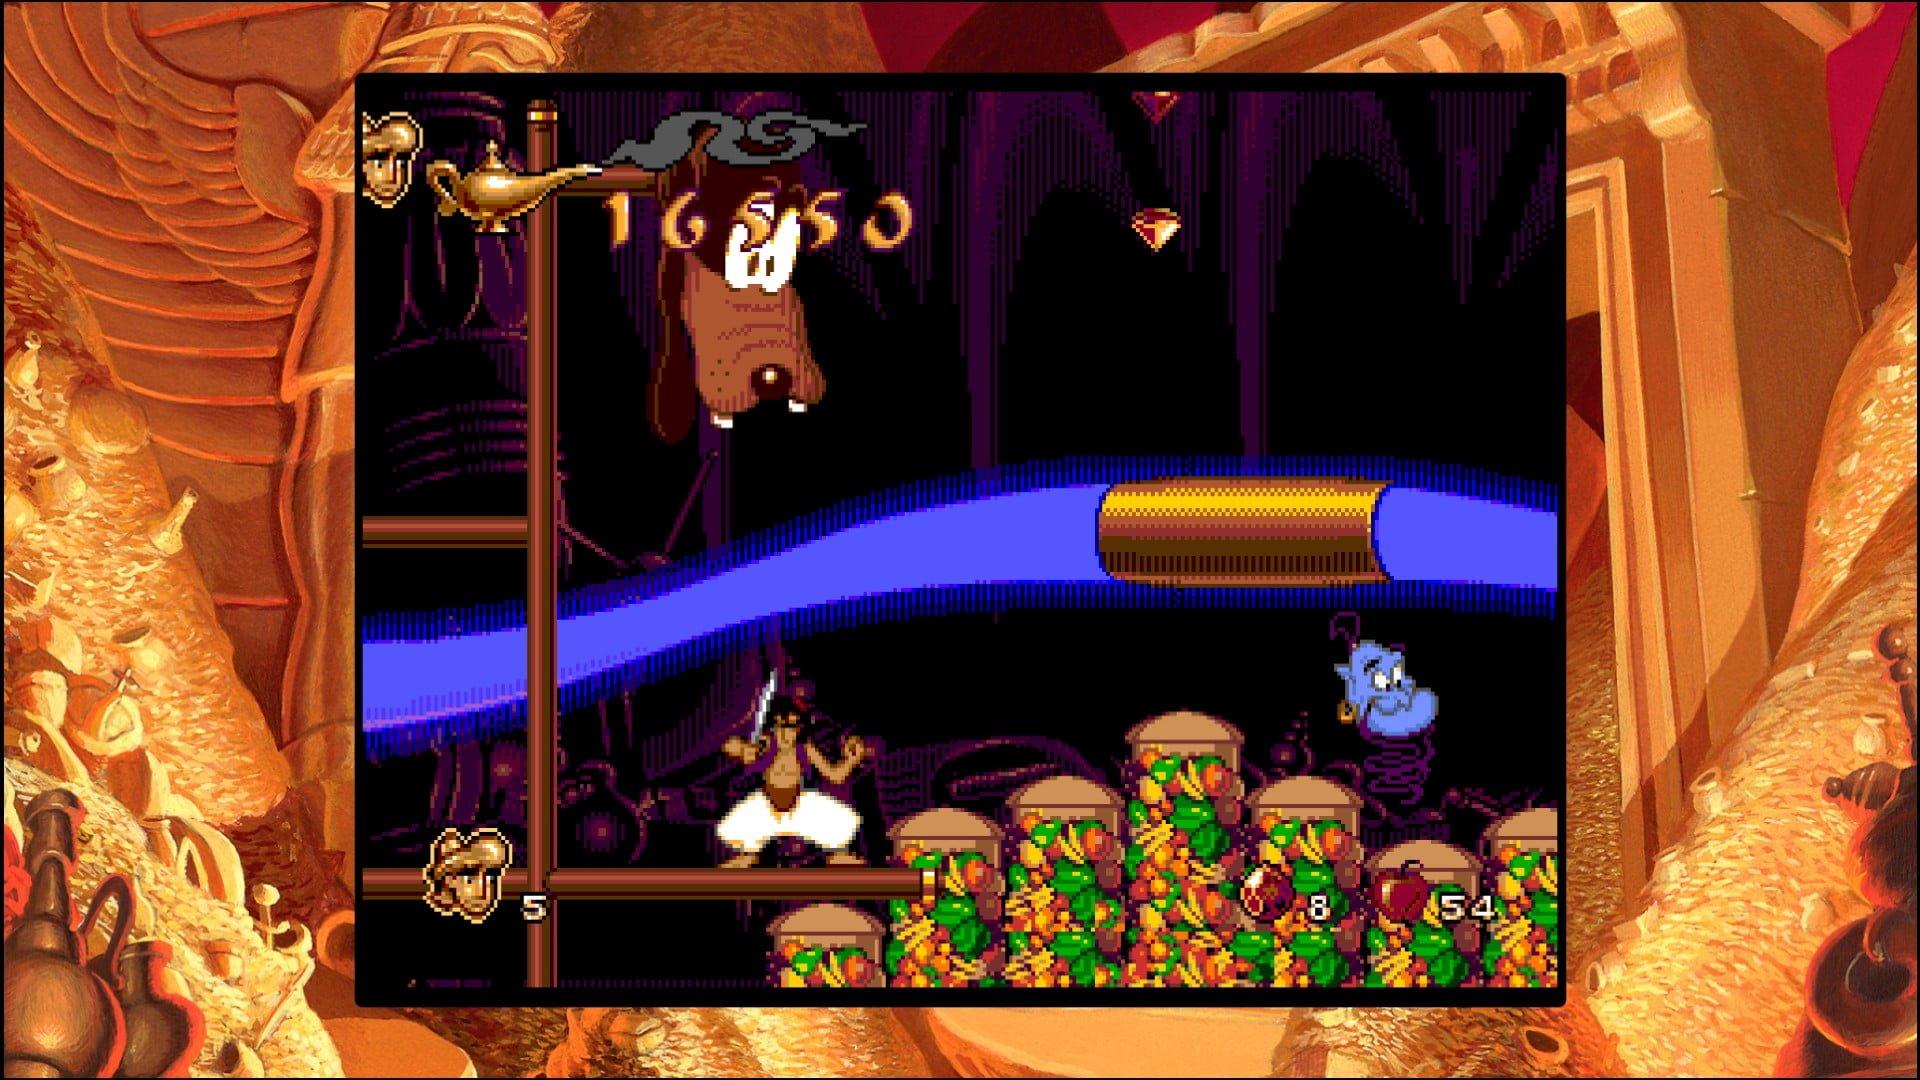 Disney Classic Games 2